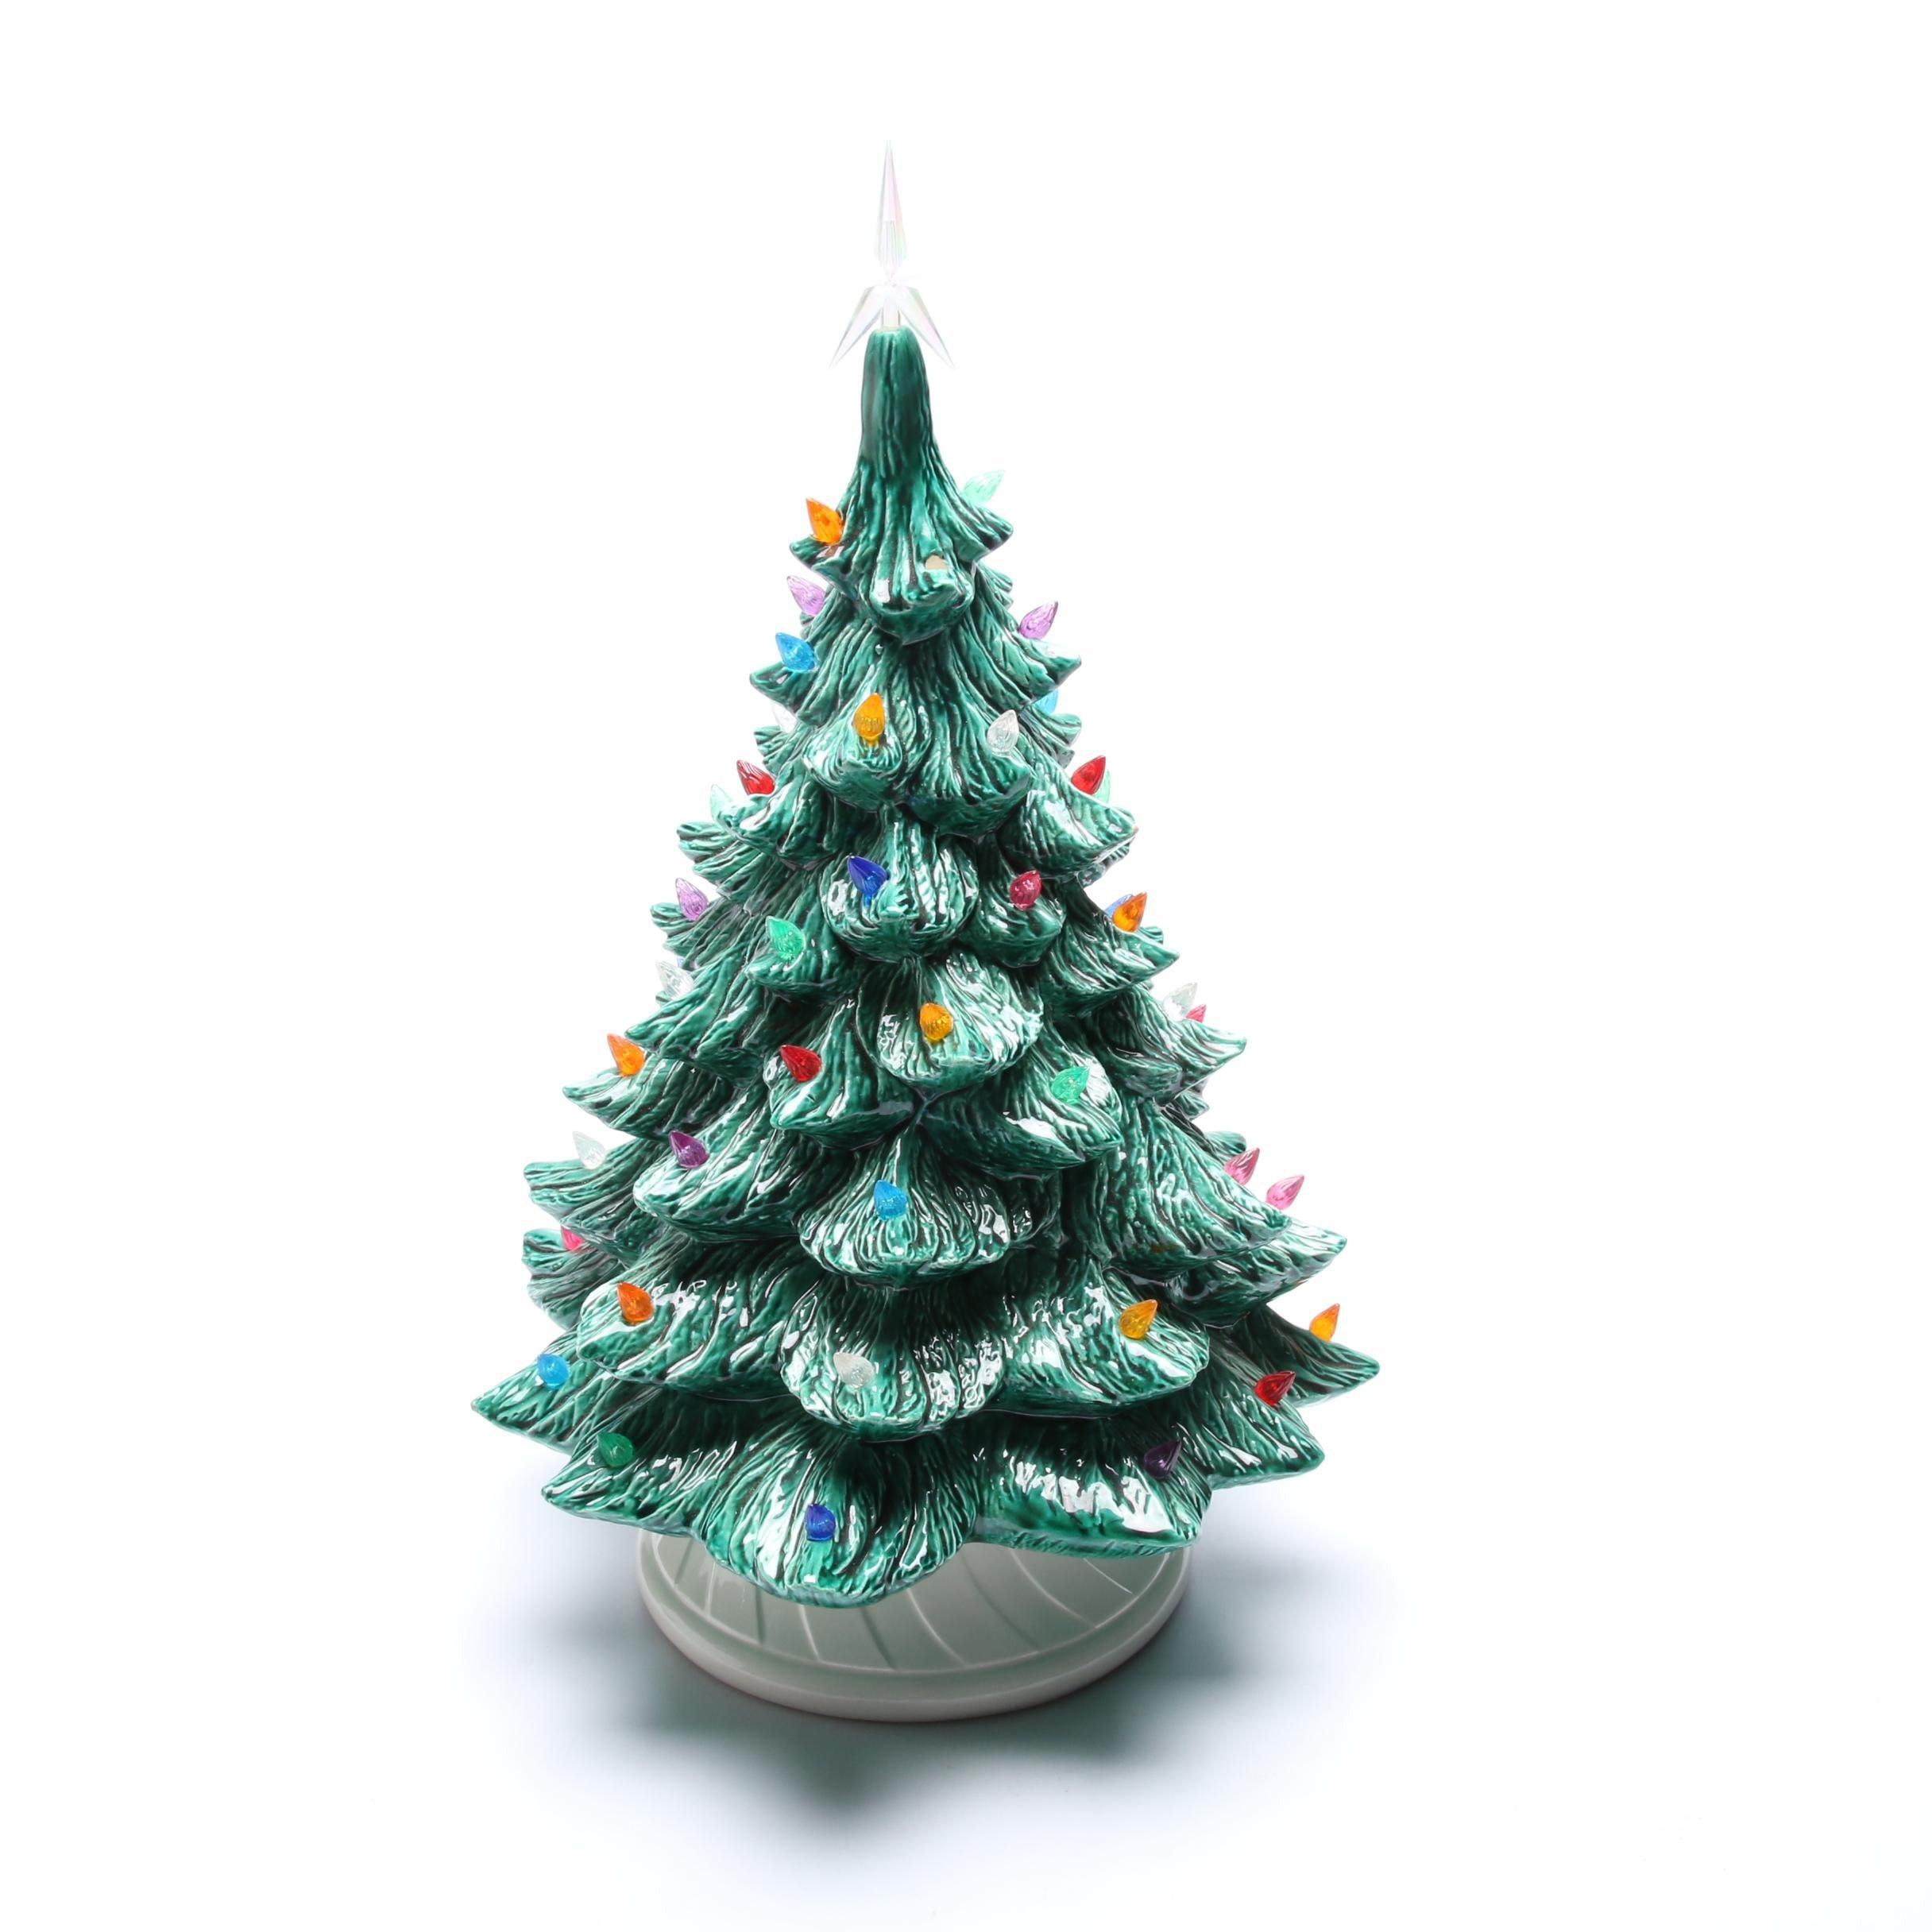 Ceramic Christmas Tree Lamp